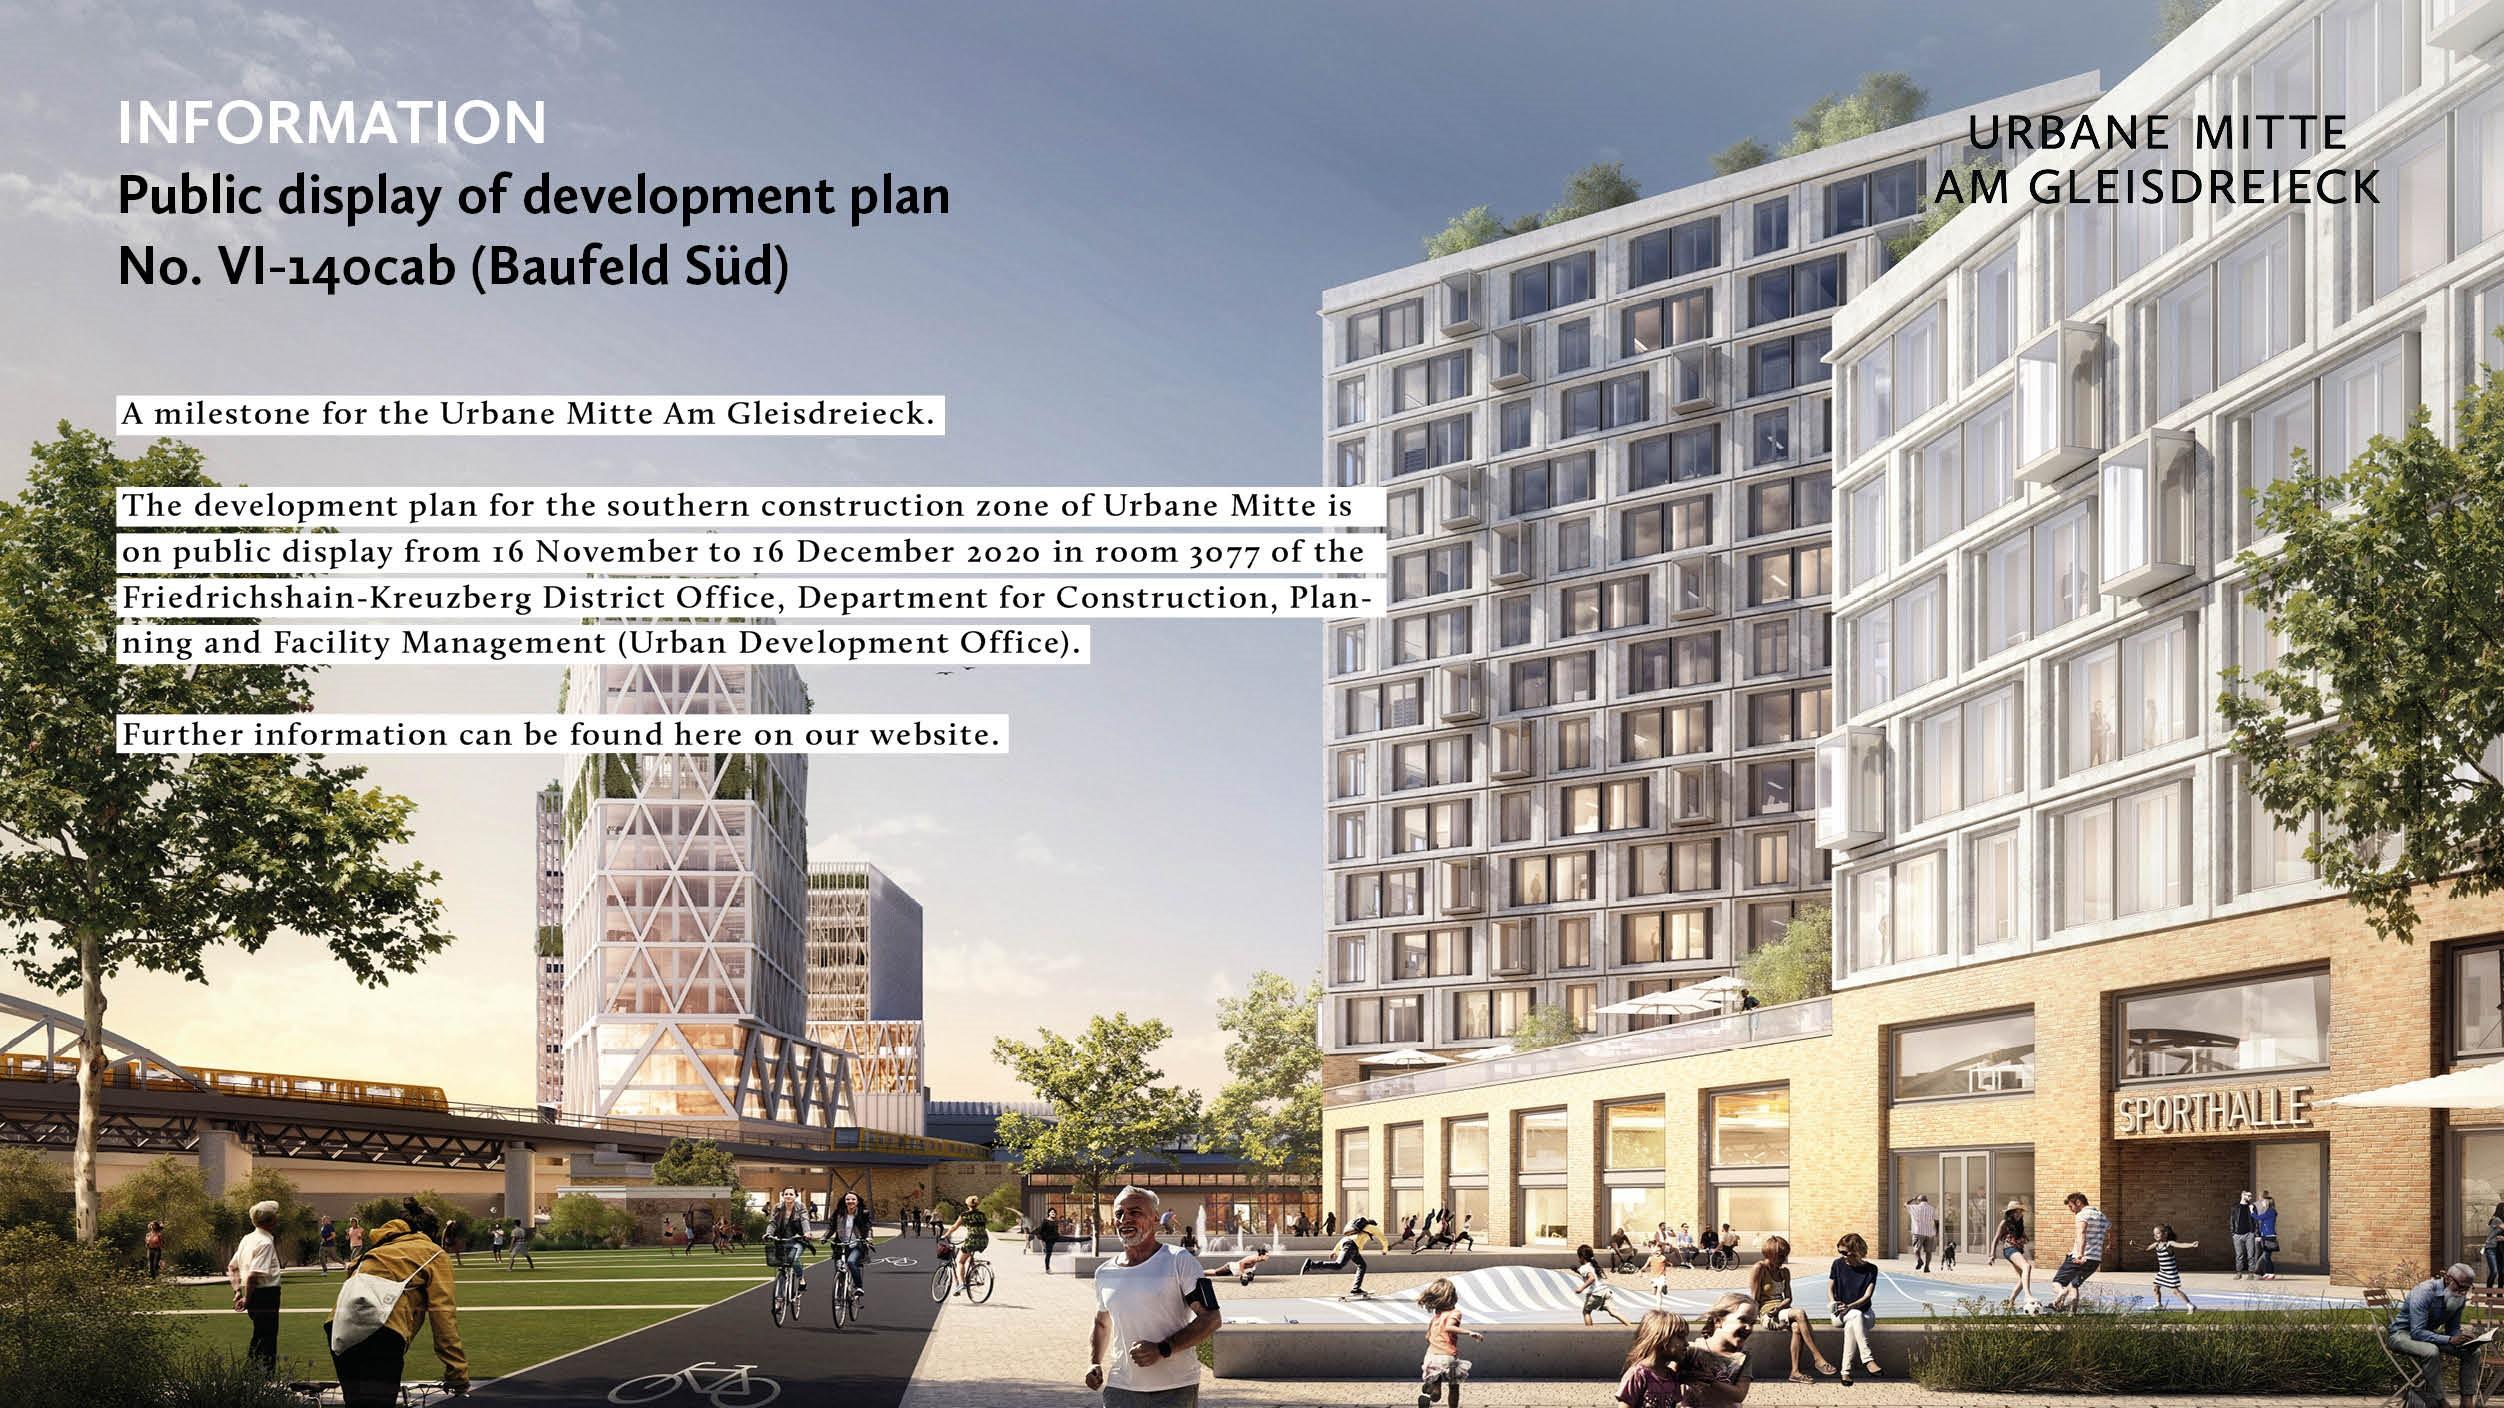 https://urbane-mitte.de/en/south-construction-site/